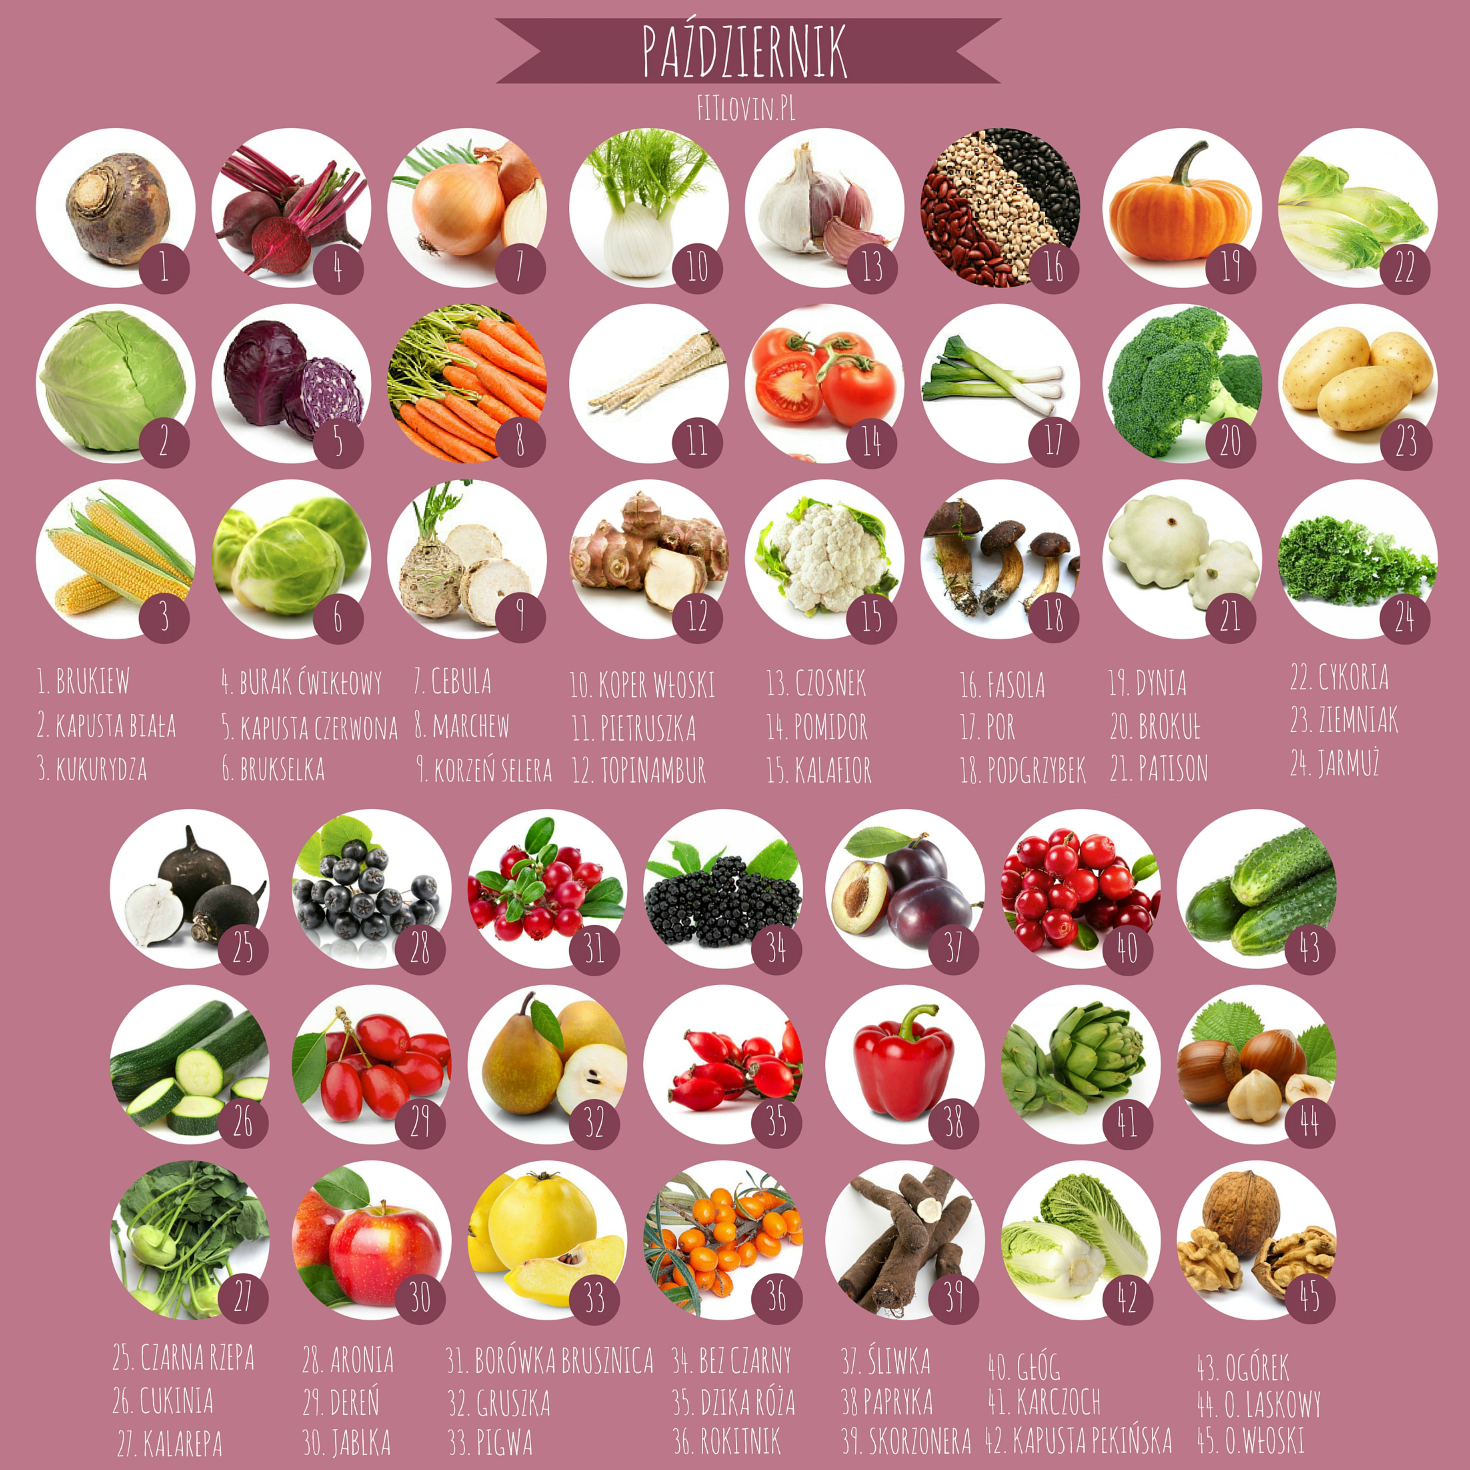 pazdziernik-warzywa-owoce-sezonowe-do-wydrukowania